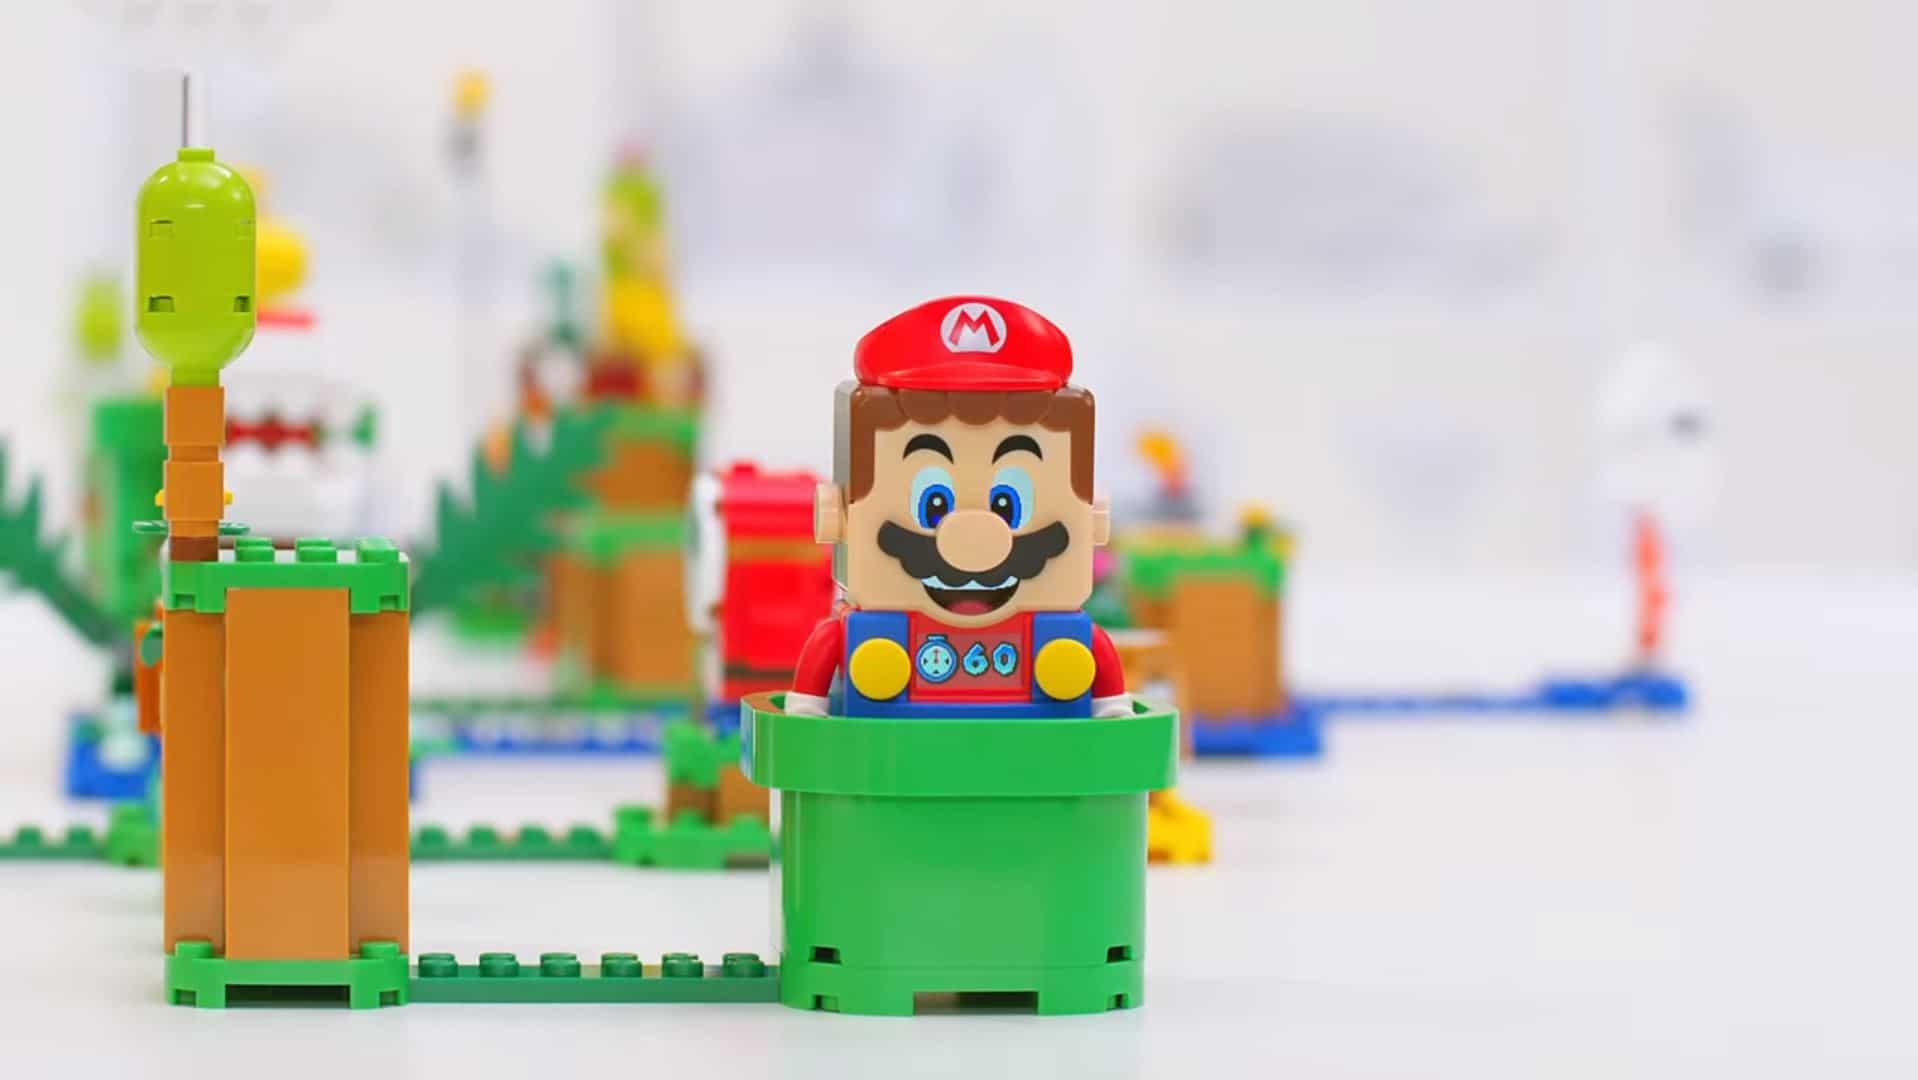 Lego Super Mario - Mario en briques